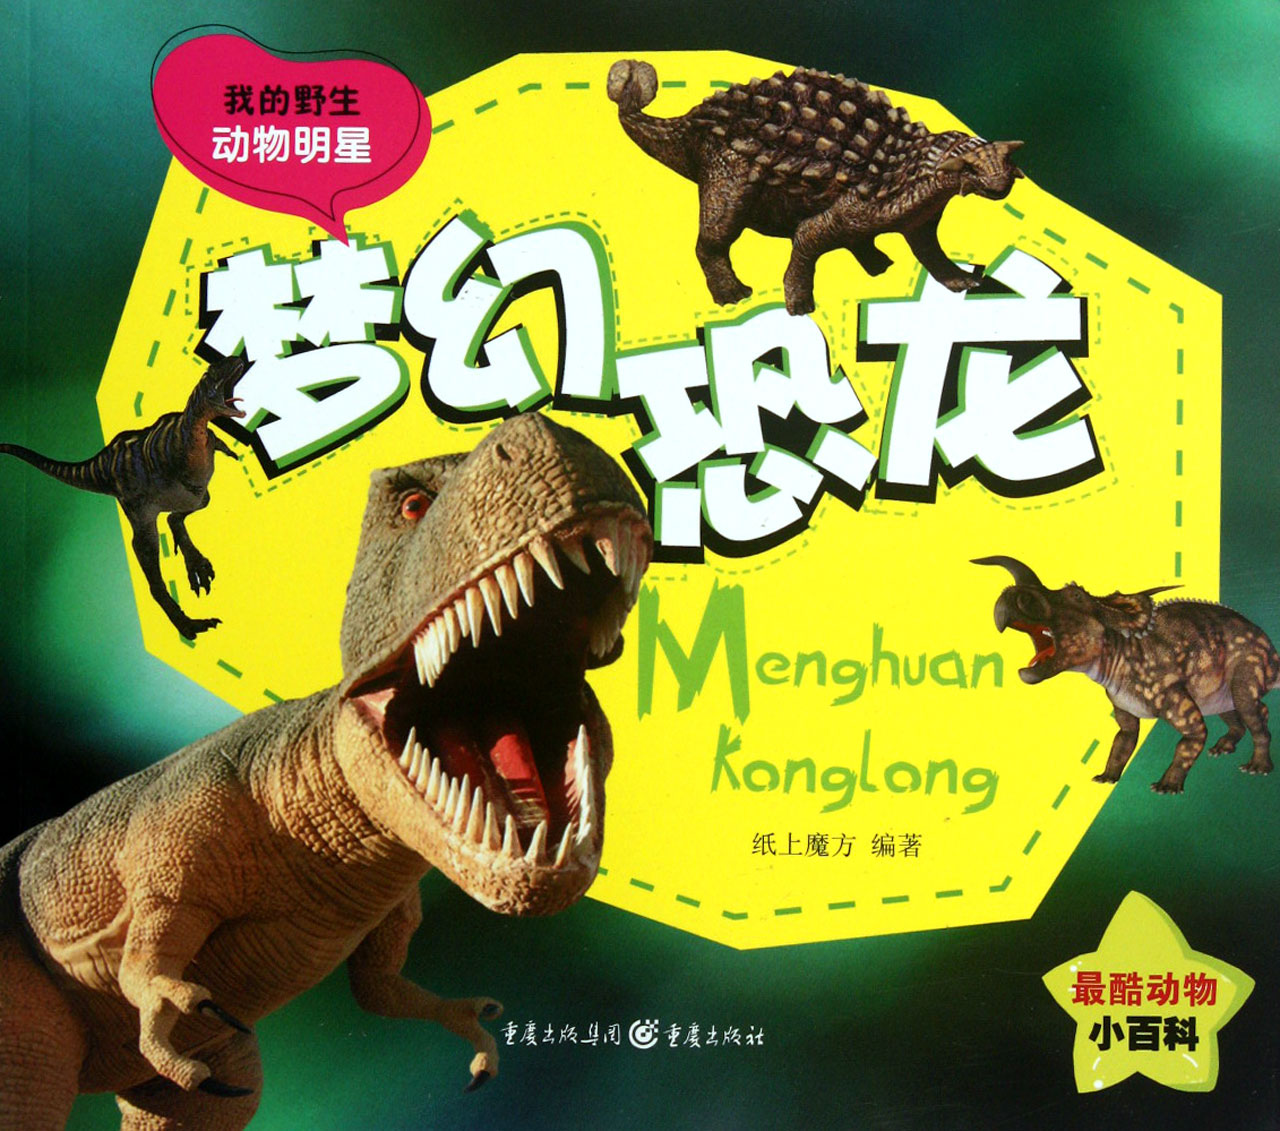 魔方恐龙步骤图片